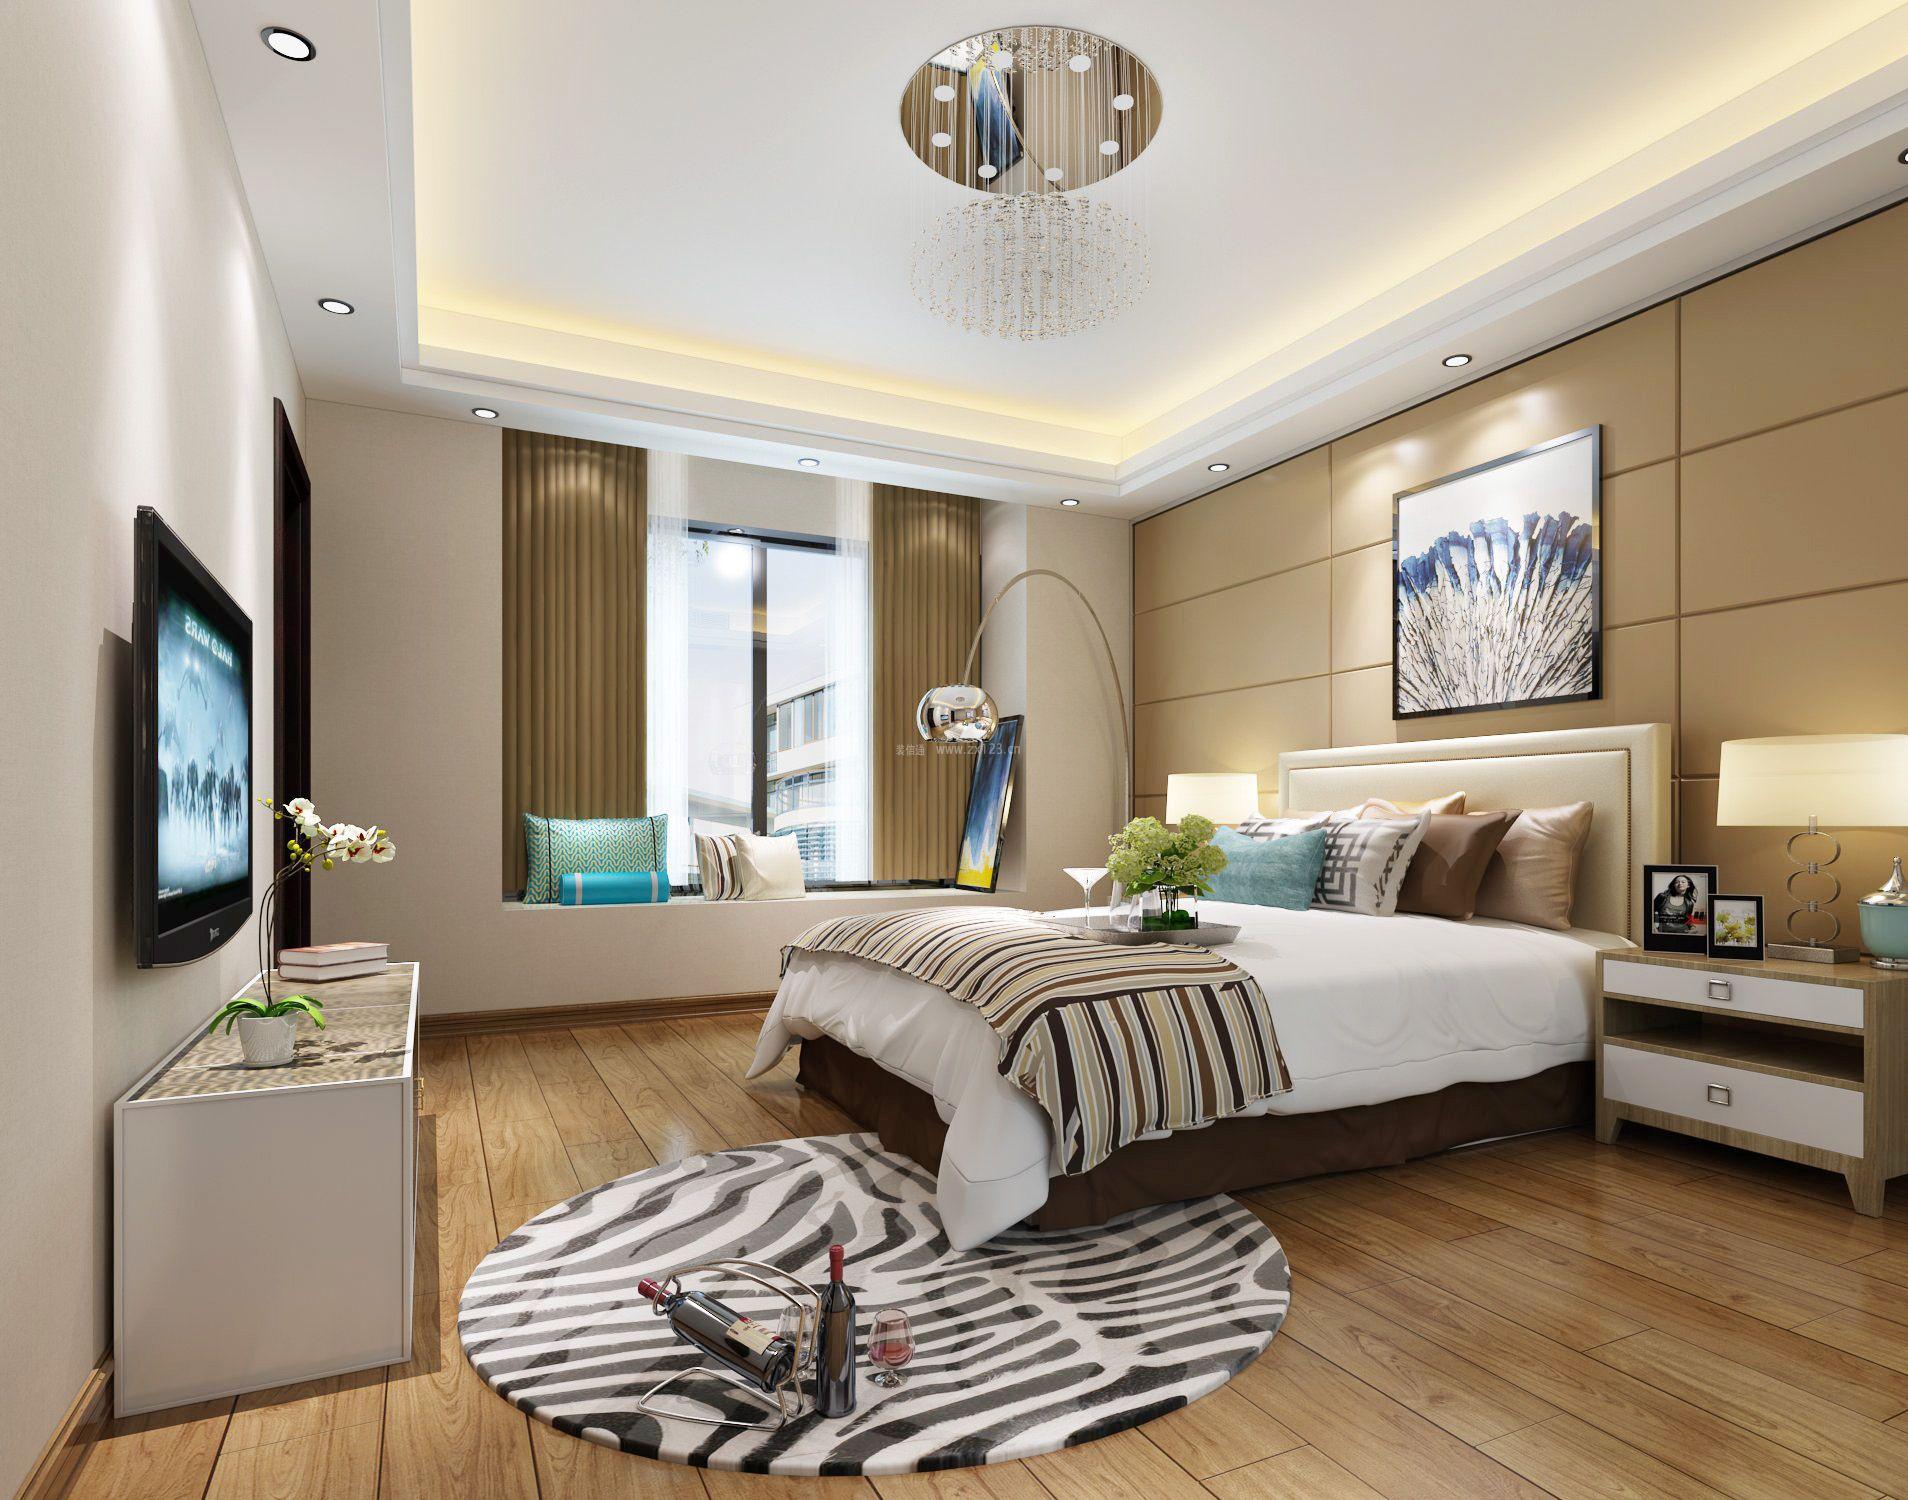 后现代家居简约卧室飘窗设计图片图片